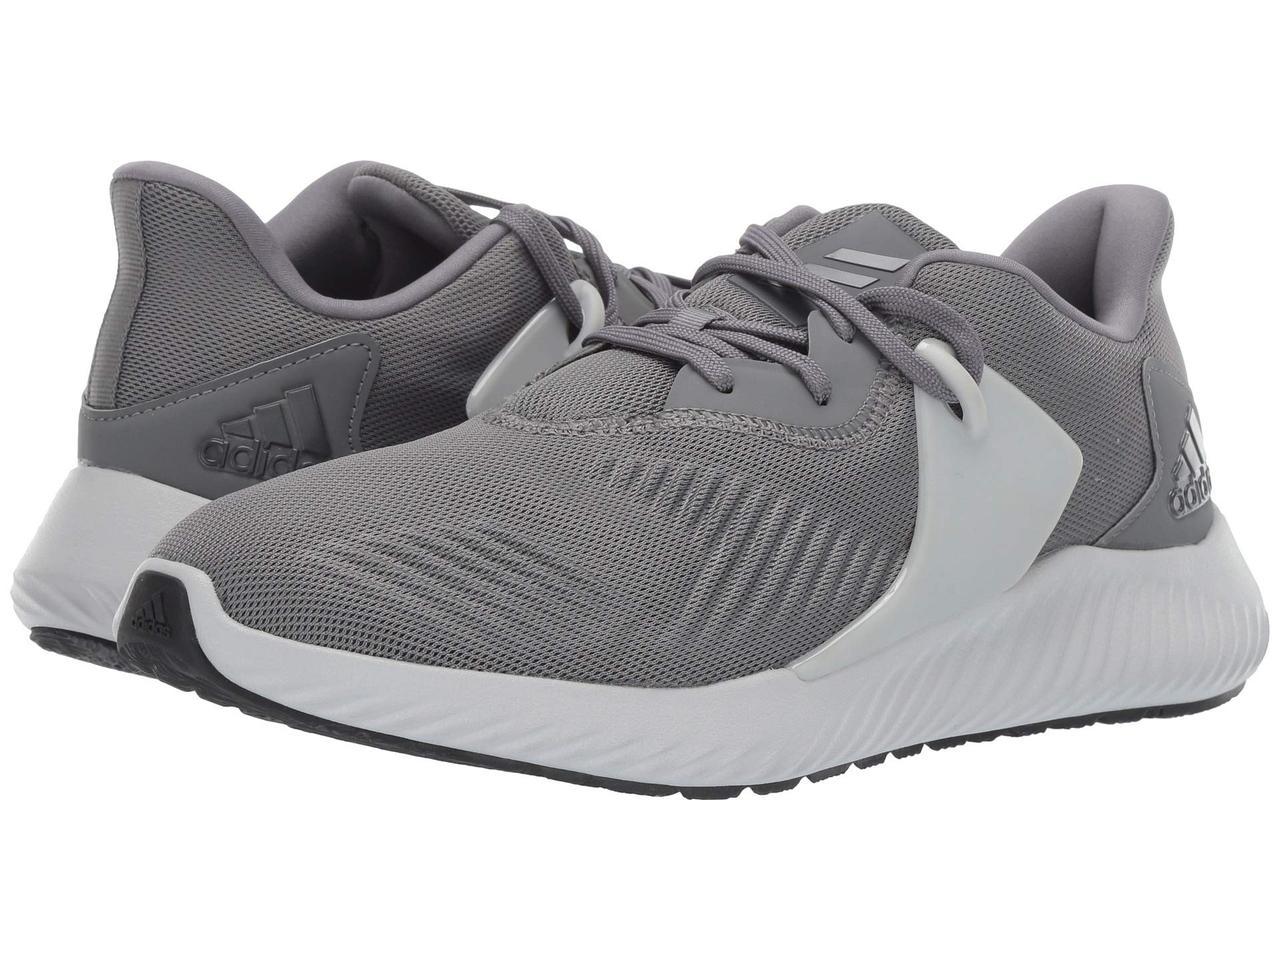 6a154059 Кроссовки adidas Alphabounce RC 2 Gray - Оригинал - FAIR - оригинальная  одежда и обувь в